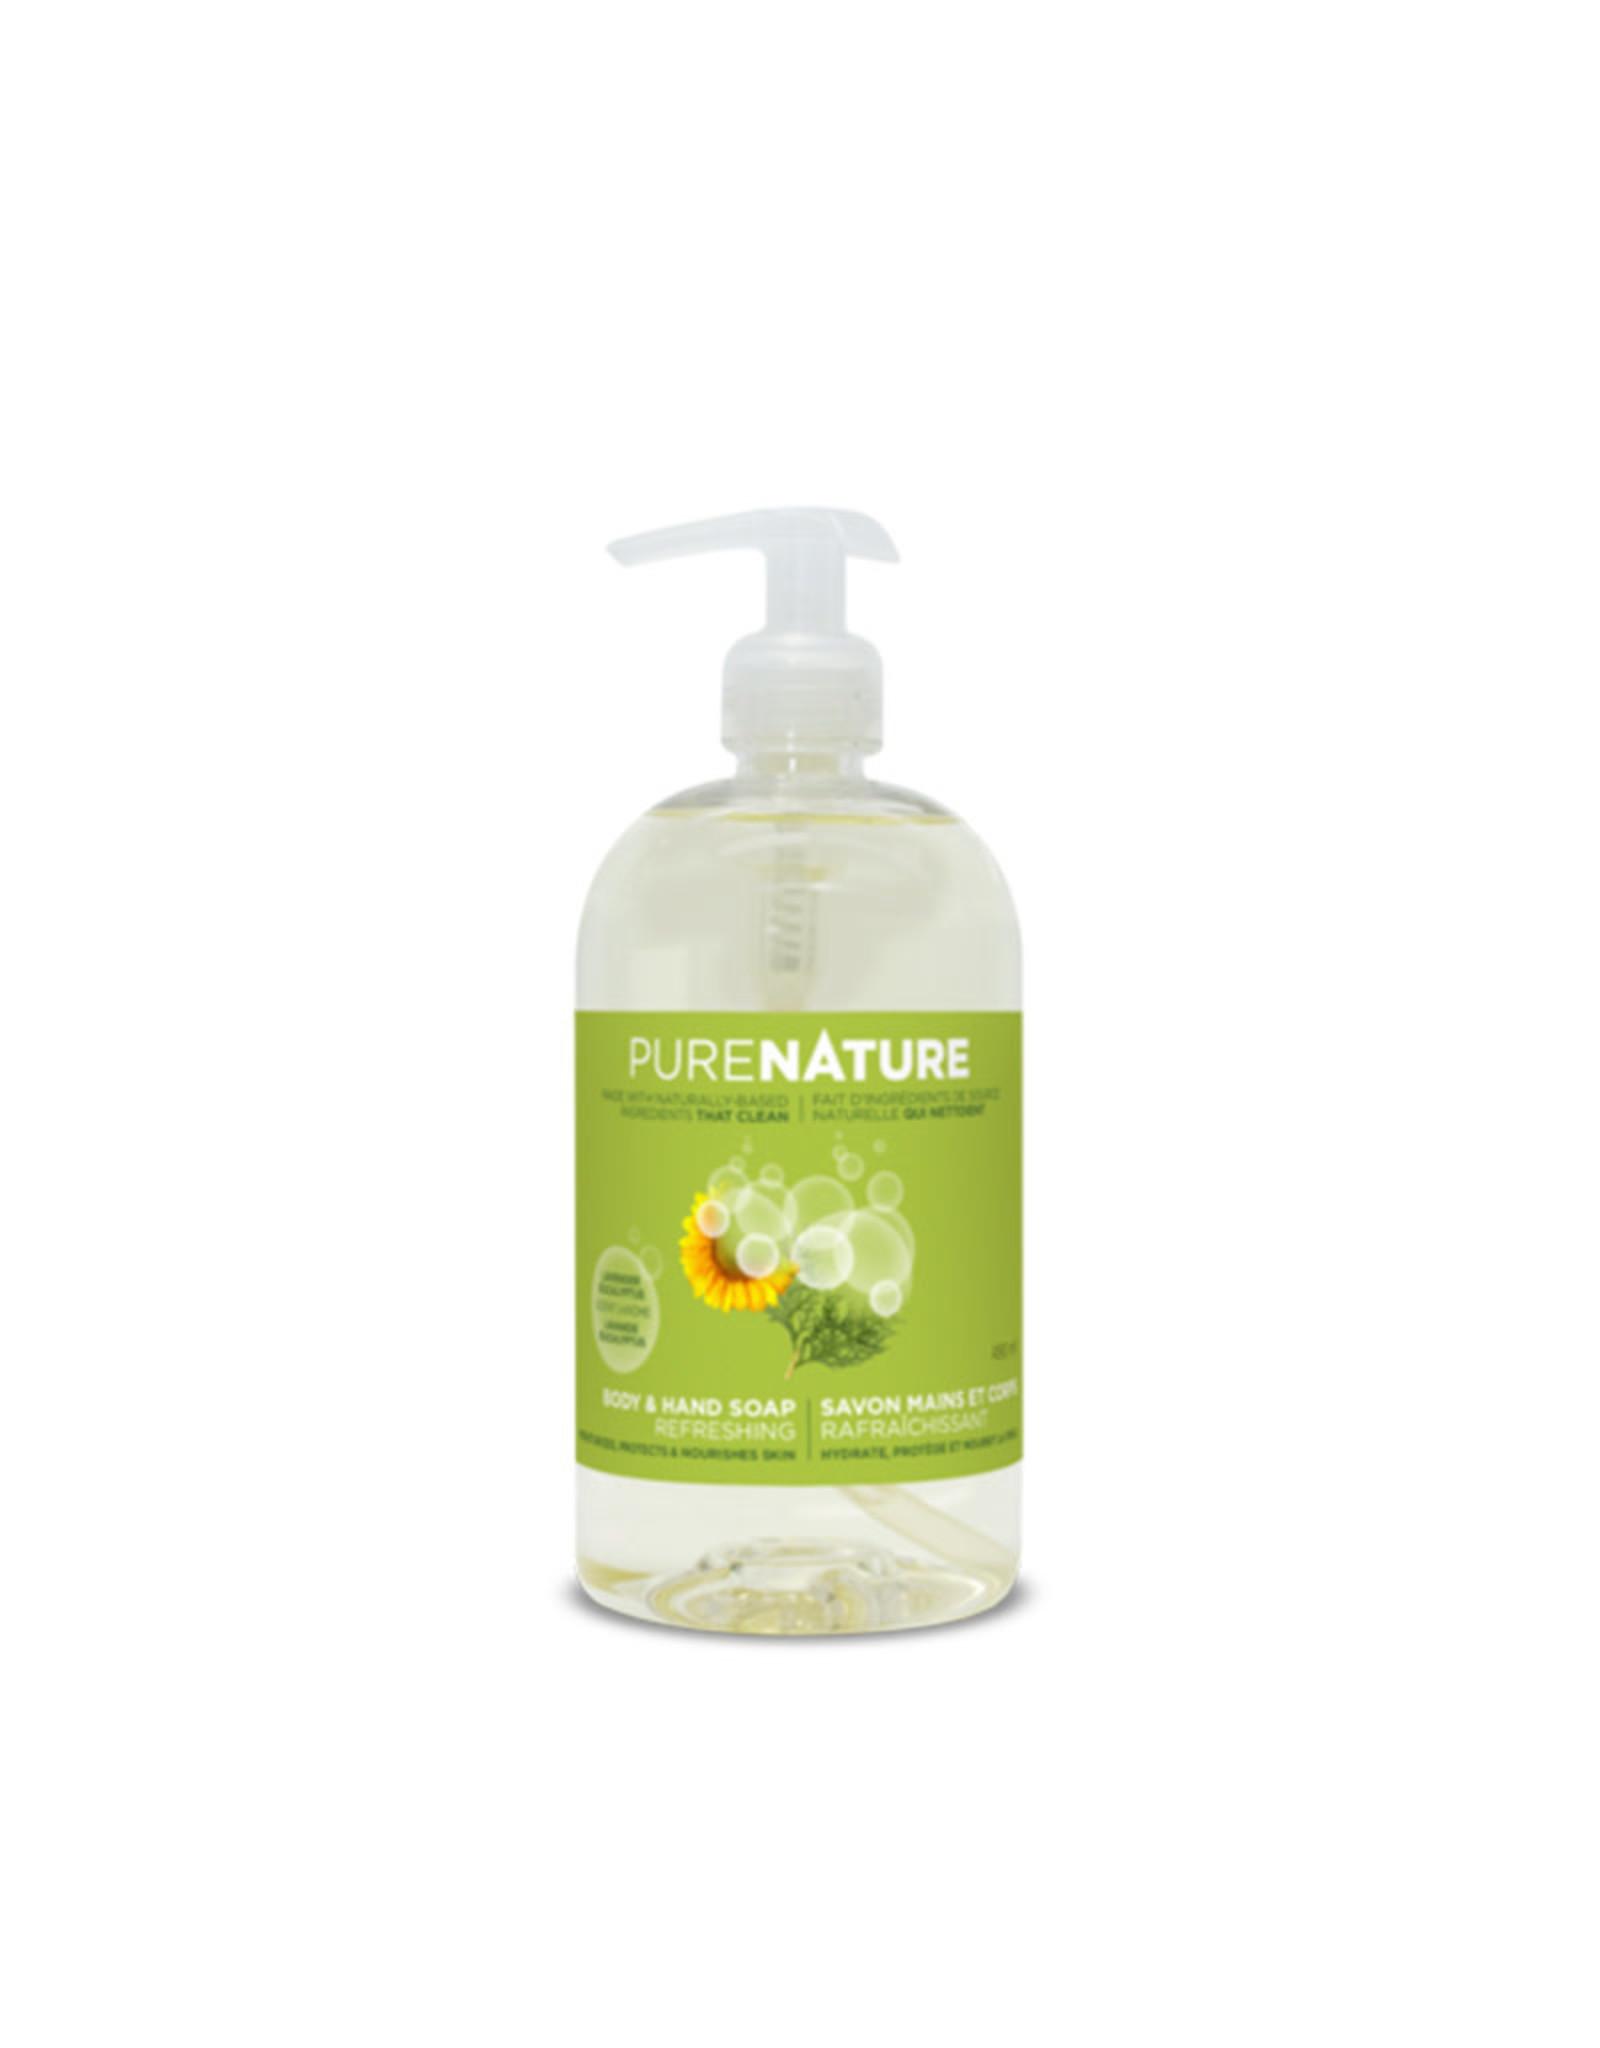 Purenature Purenature - Body Care, Moisturizing Hands & Body Soap Refreshing (490ml)